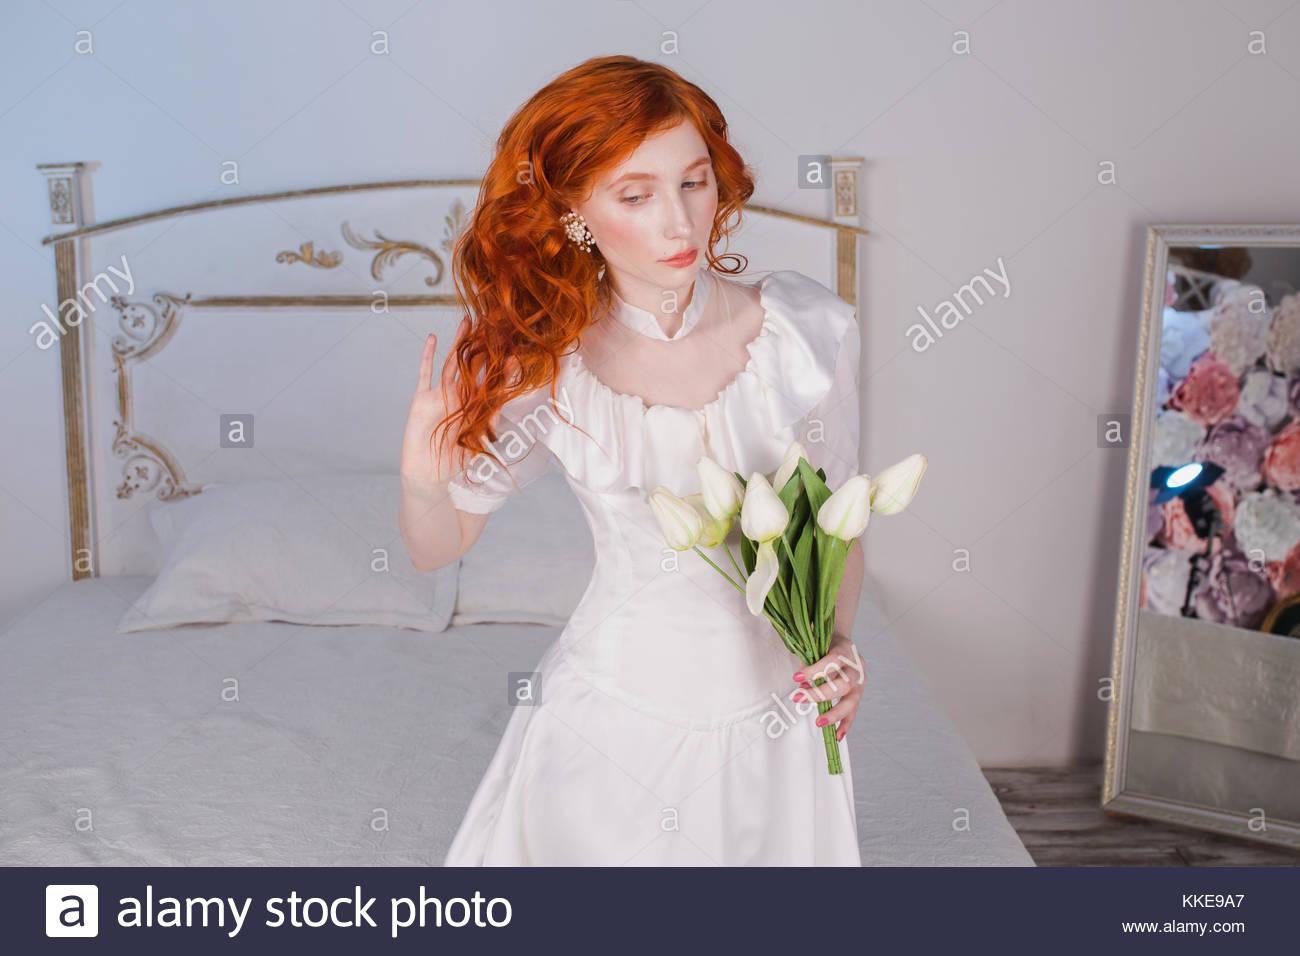 Frau Mit Langen Roten Lockigen Haar In Weiss Vintage Hochzeit Kleid